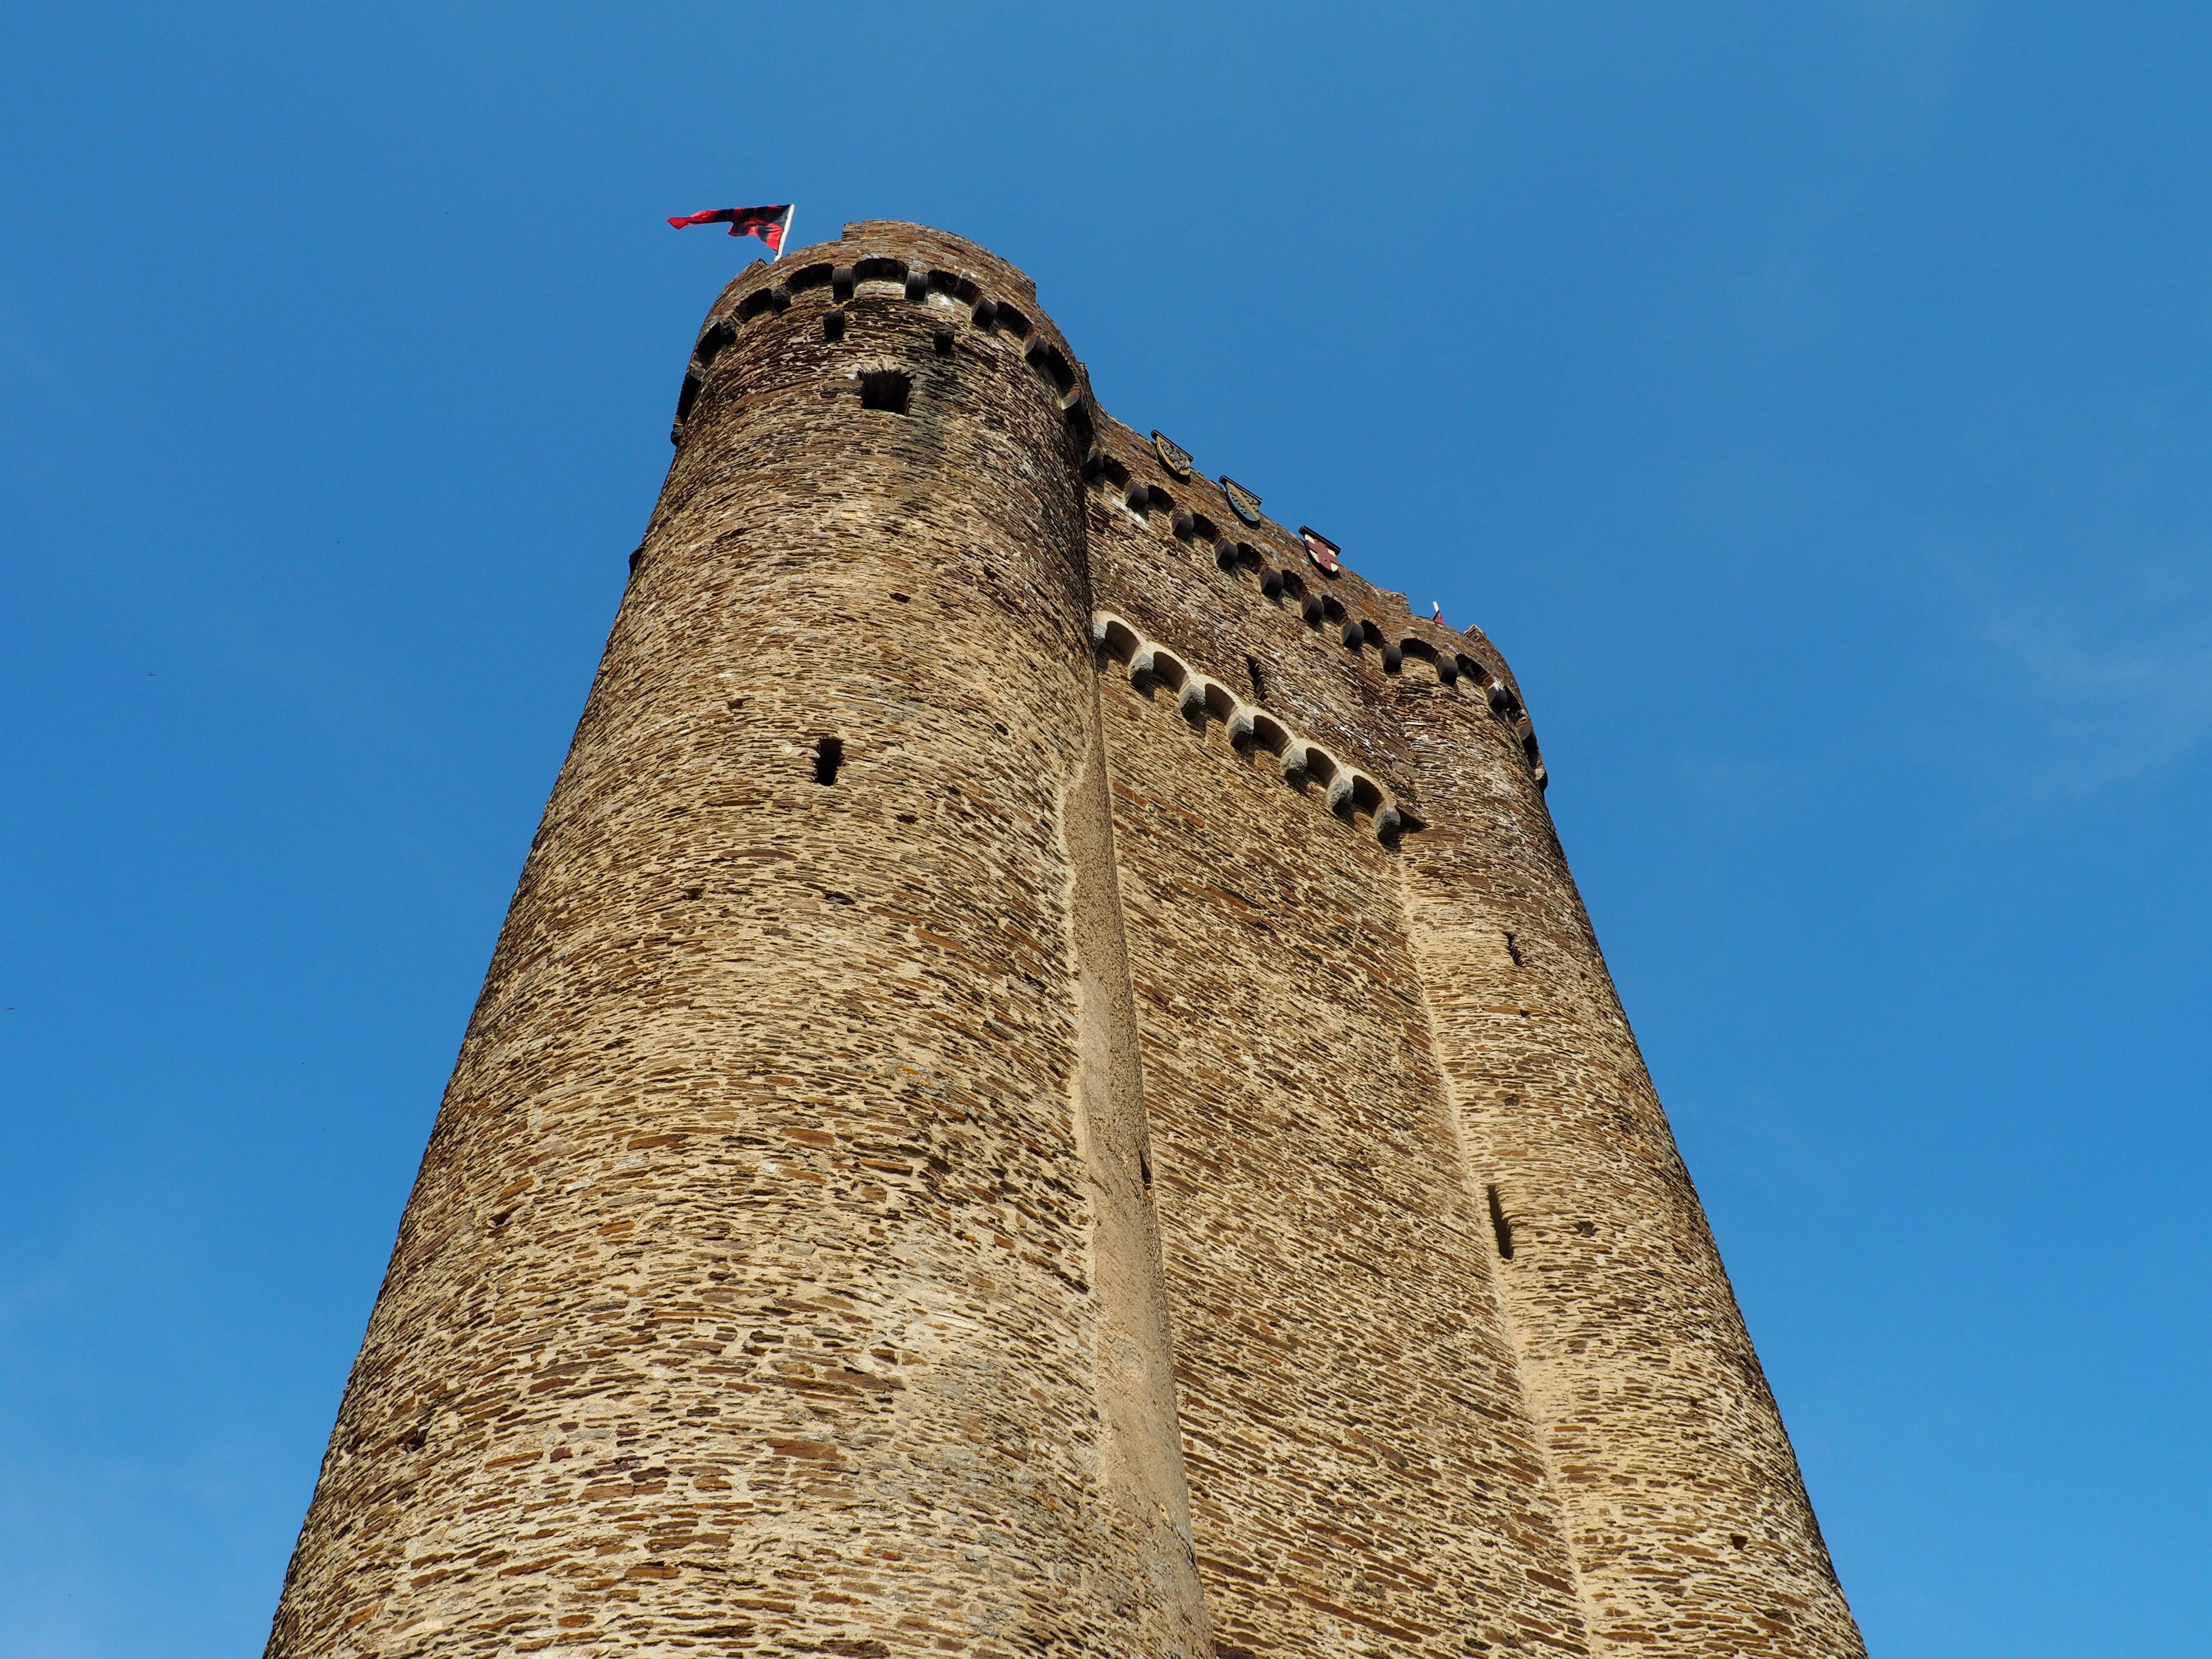 Mächtiger Bastionsturm mit Auffahrtsrampe und Aussichtsplattform auf der Ehrenburg bei Brodenbach an der Mosel